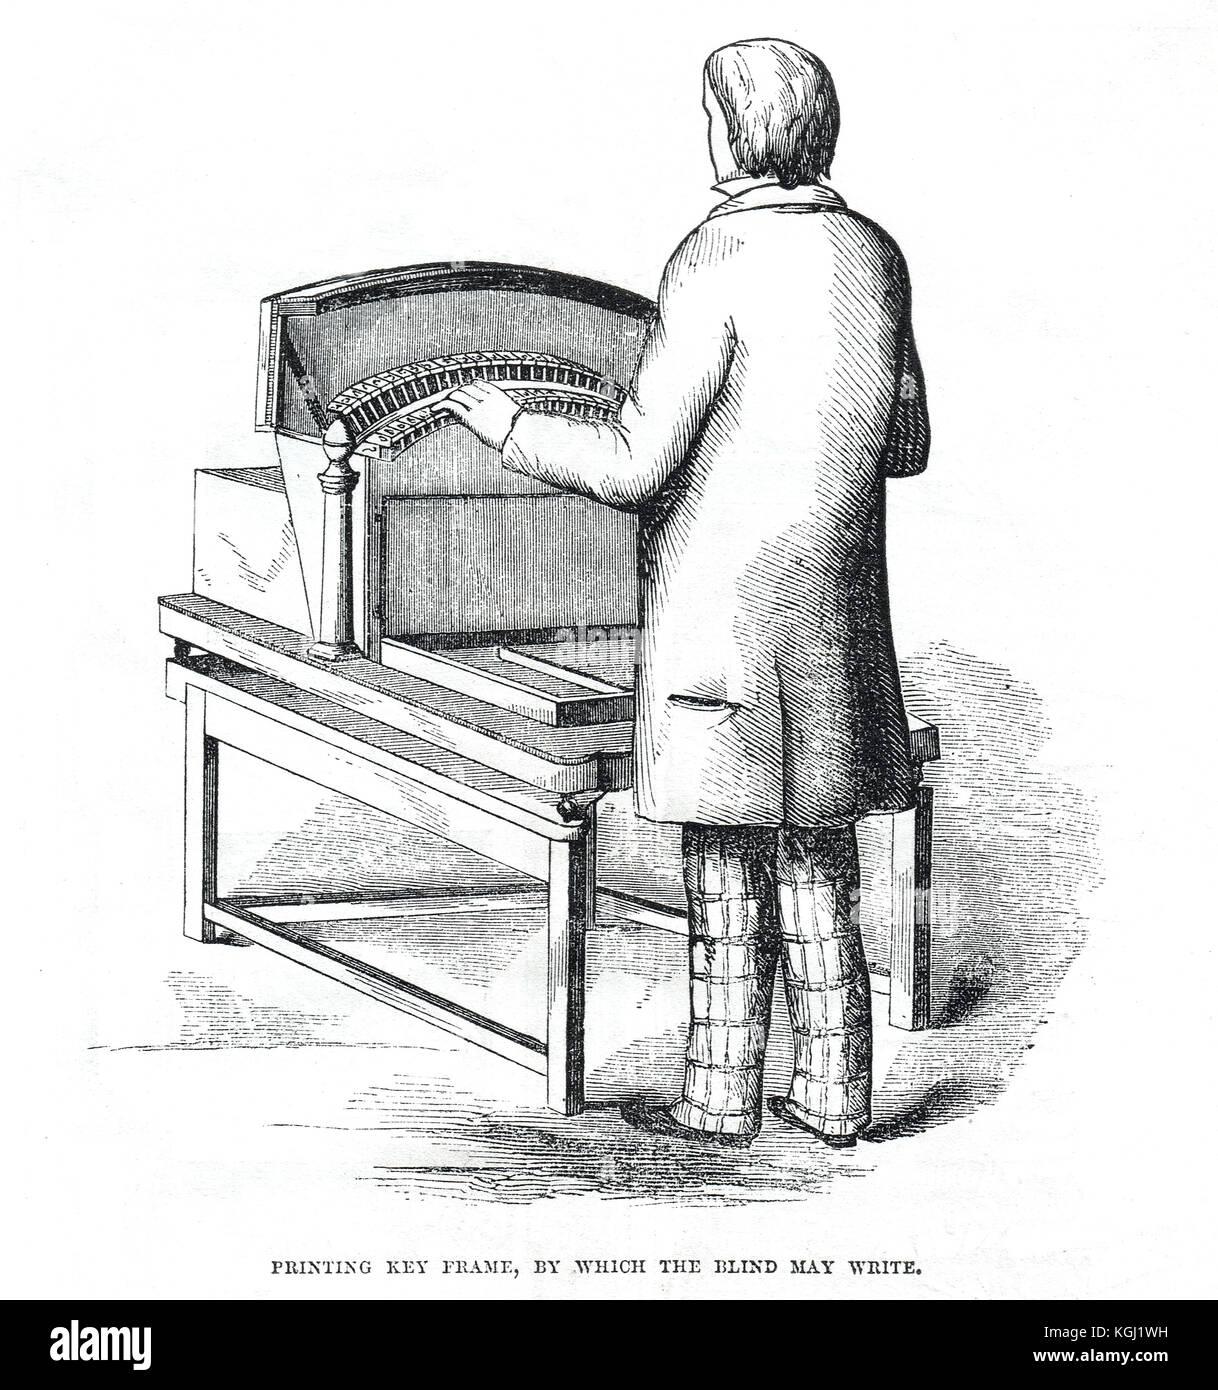 Drucken Key Frame Foucault Schreibmaschinen für Blinde, Weltausstellung von 1851 Stockbild